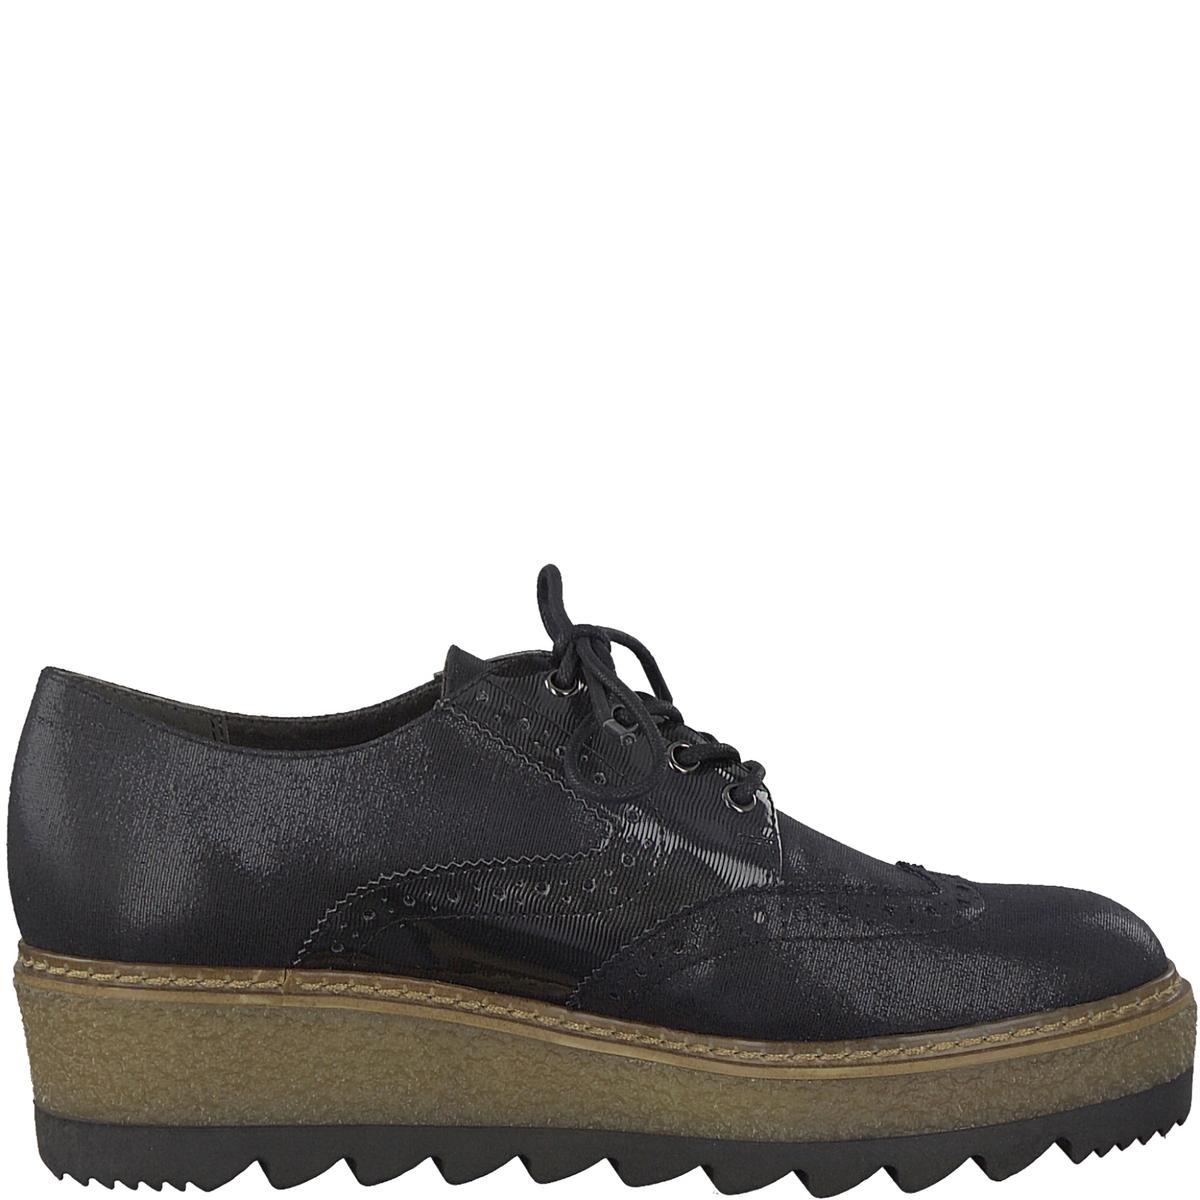 Ботинки-дерби тканевыеДетали  •  Ботинки-дерби •  Высота каблука : 4 см •  Застежка : шнуровка •  Круглый мысокСостав и уход  •  Верх  50% синтетического материала, 50% текстиля •  Подкладка 50% синтетического материала, 50% текстиля<br><br>Цвет: черный/серый